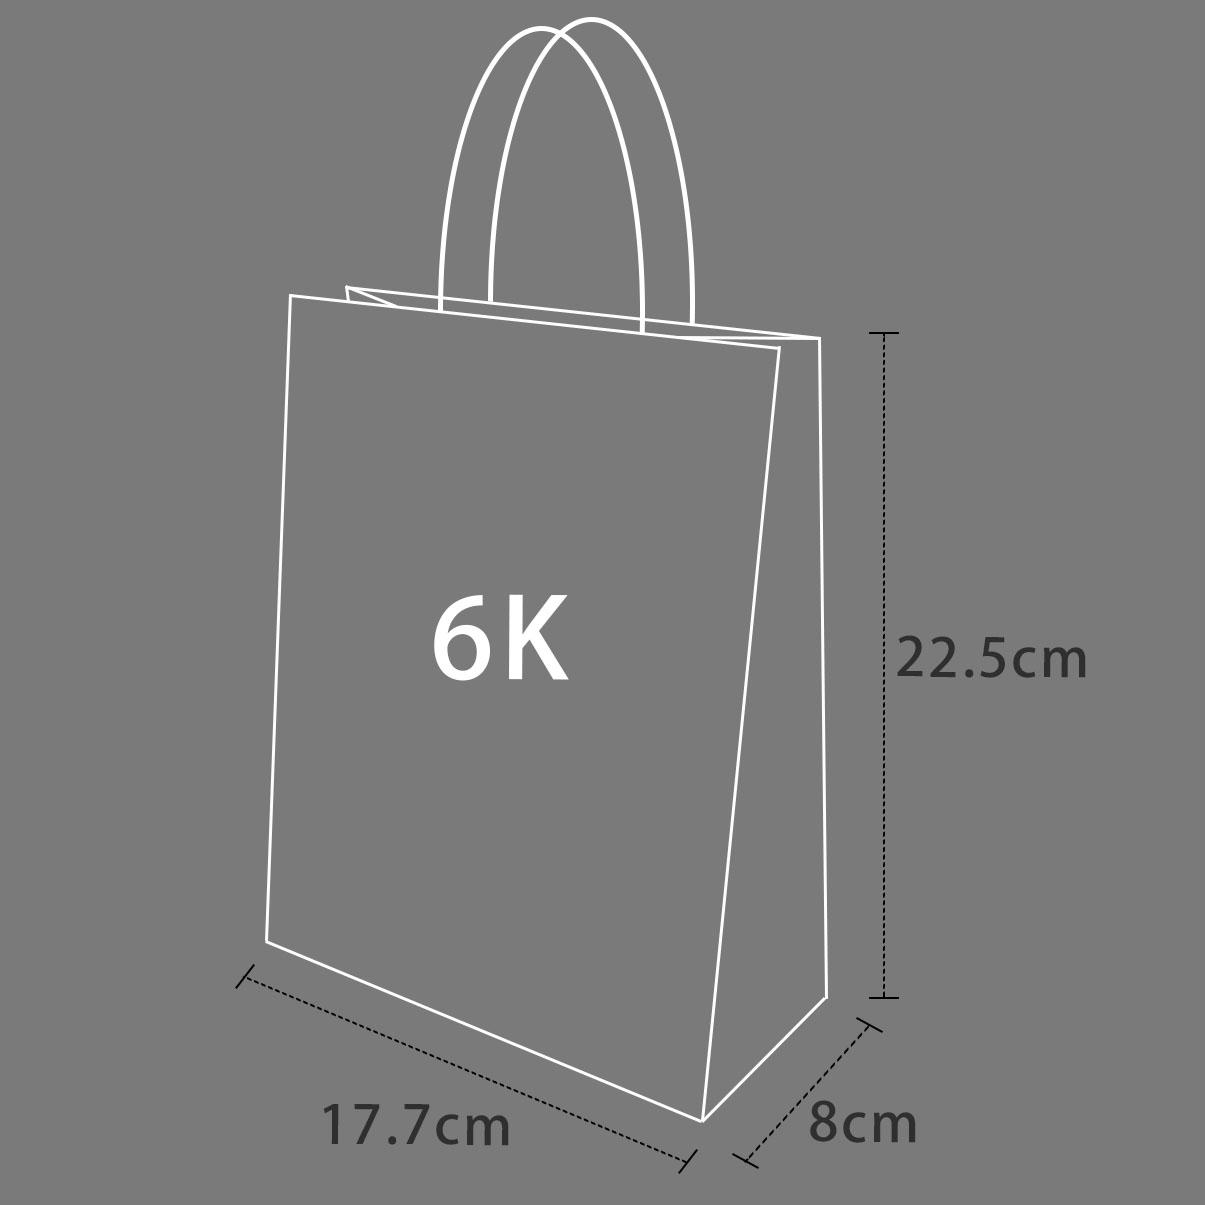 《袋袋相傳》M9 春節紙袋-福紙袋6K紙袋1.jpg